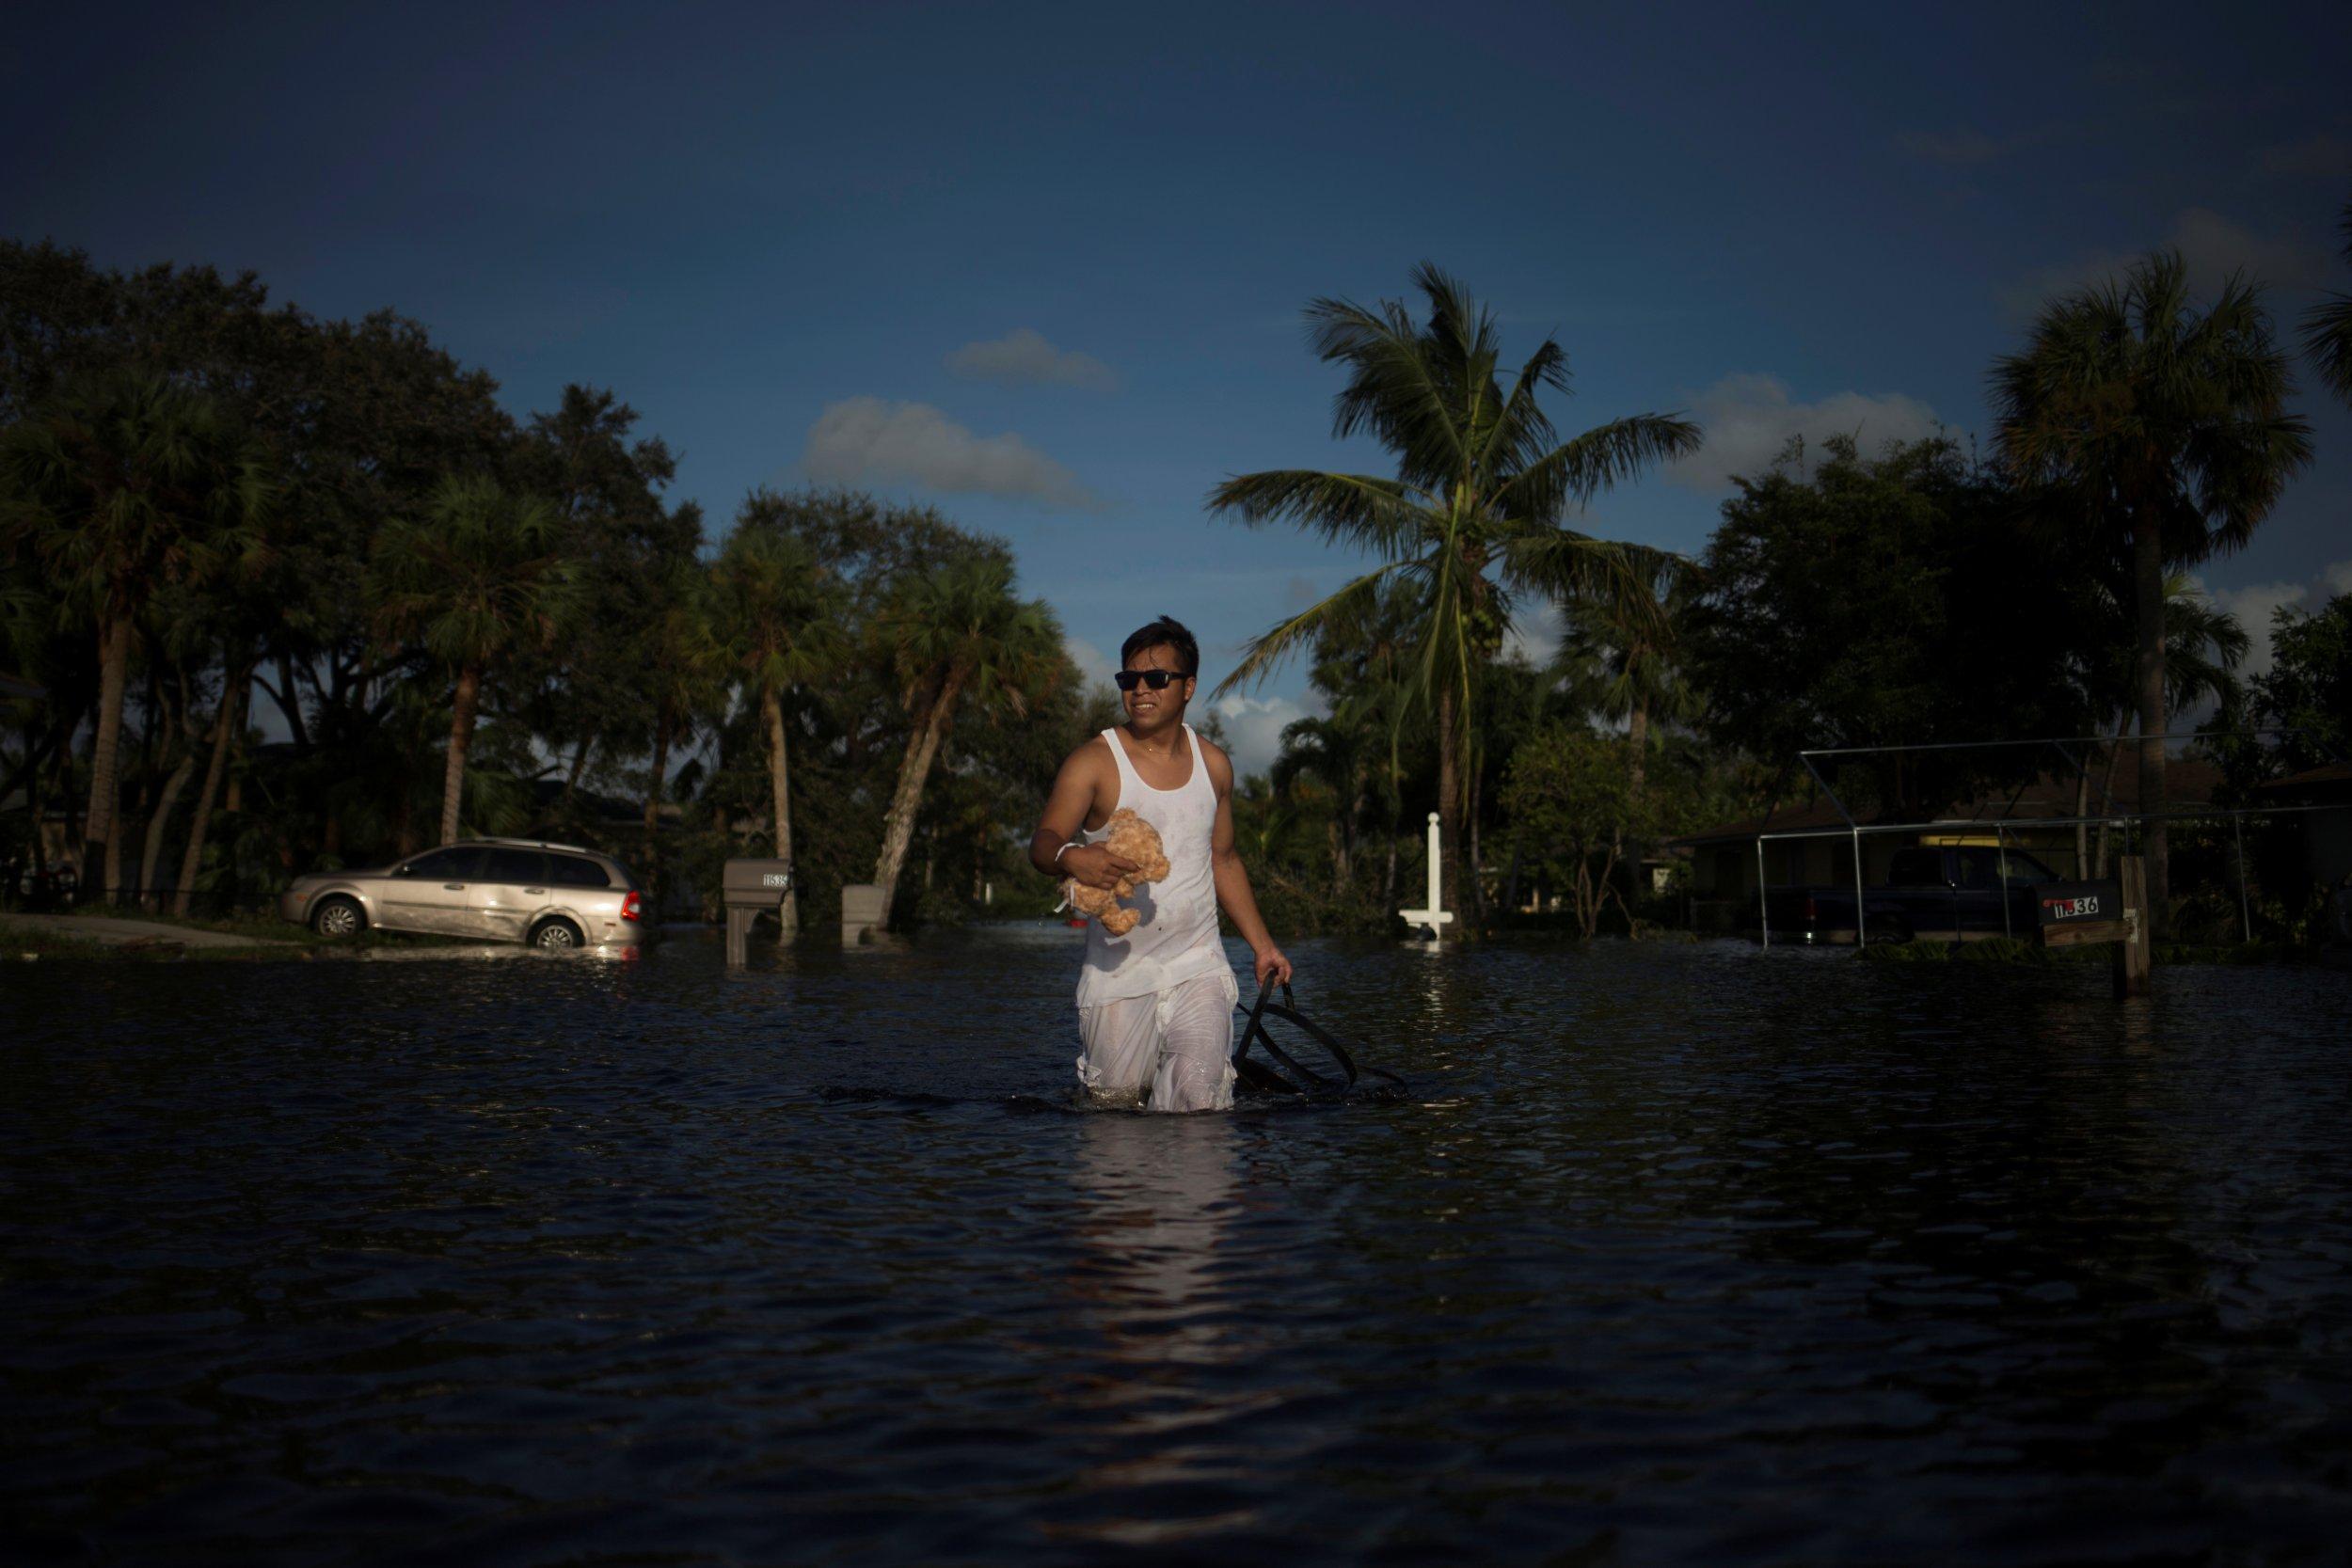 09_13_Hurricane_Irma_Floria